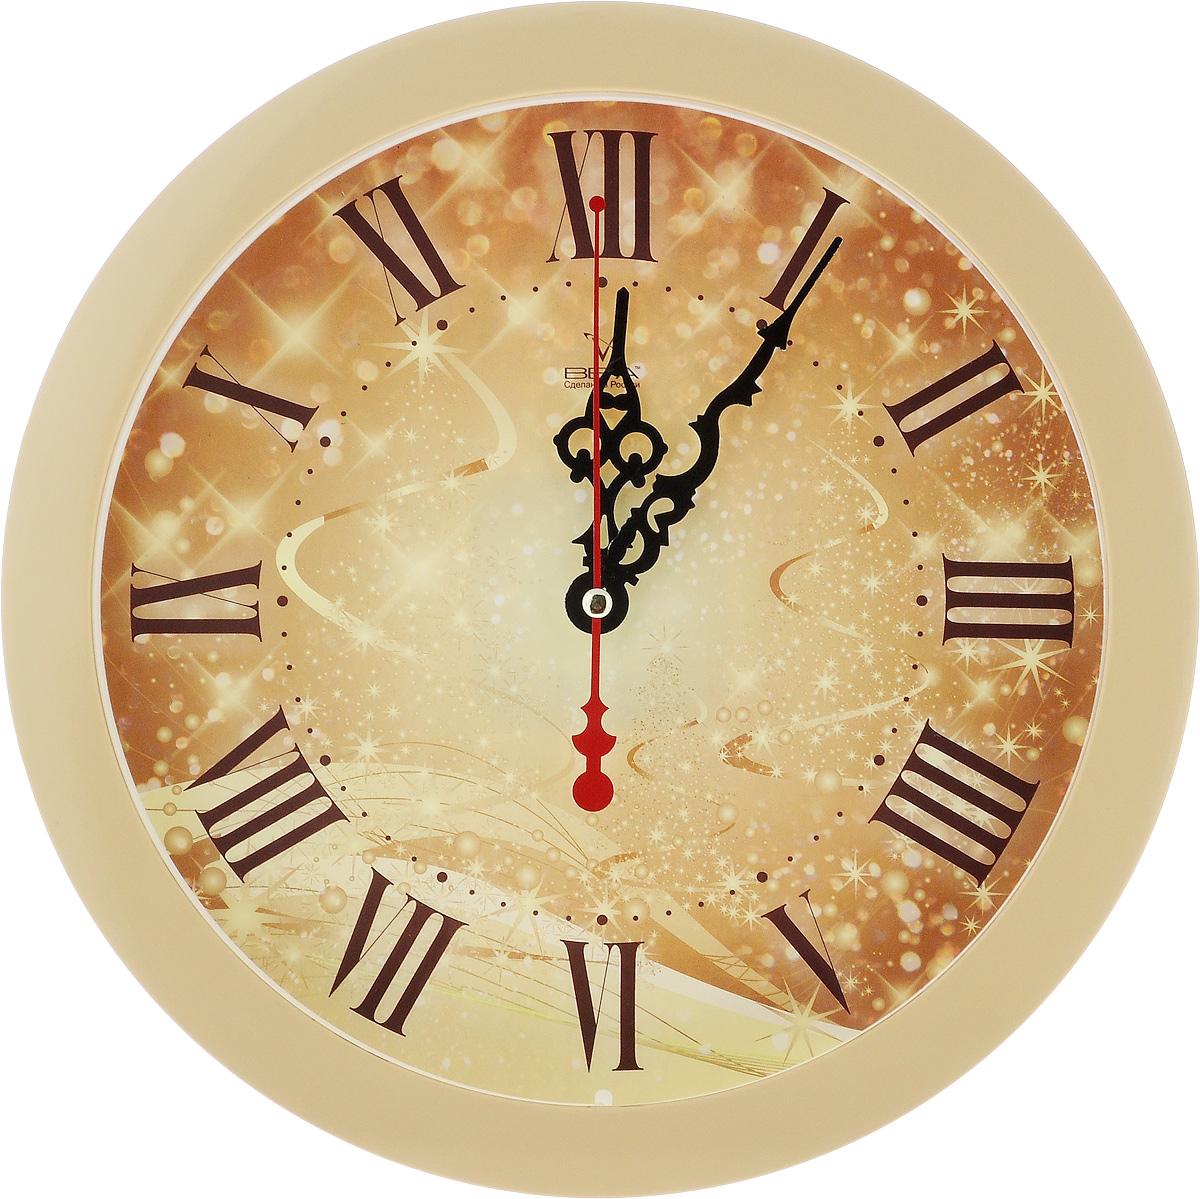 Часы настенные Вега Серпантин, диаметр 28,5 смП1-14/7-306Настенные кварцевые часы Вега Серпантин, изготовленные из пластика, прекрасно впишутся в интерьер вашего дома. Круглые часы имеют три стрелки: часовую, минутную и секундную, циферблат защищен прозрачным стеклом. Часы работают от 1 батарейки типа АА напряжением 1,5 В (не входит в комплект). Диаметр часов: 28,5 см.